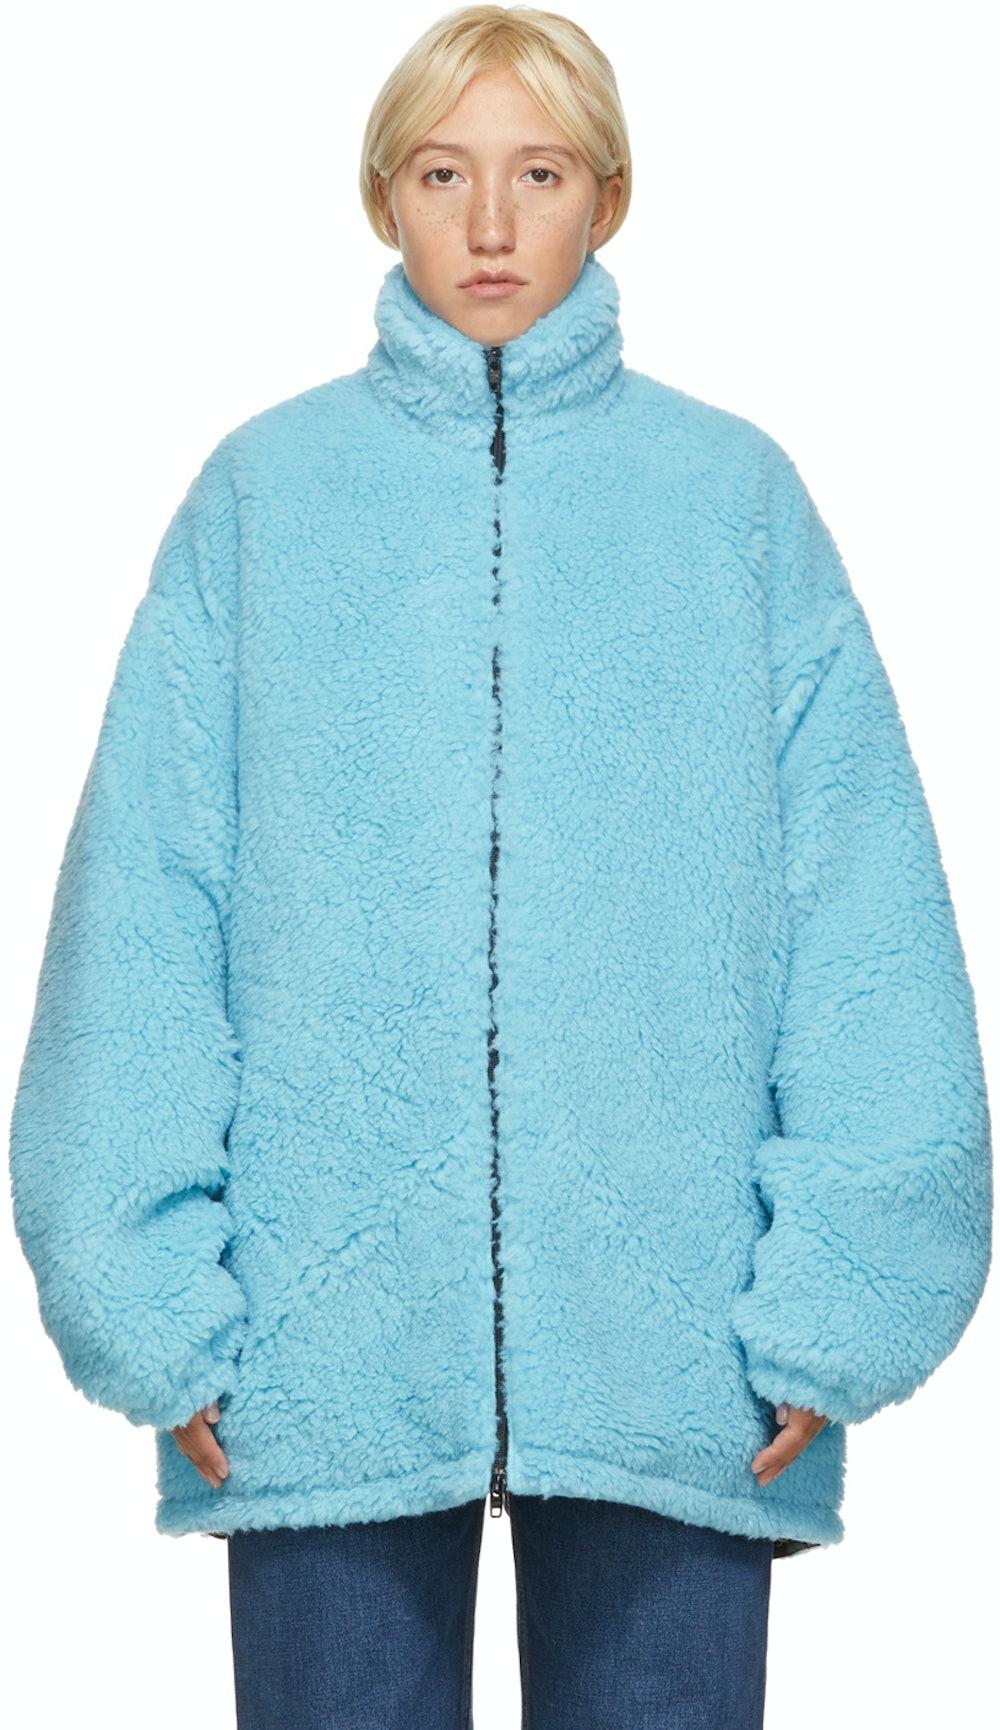 Blue Fleece Oversized Zip-Up Jacket